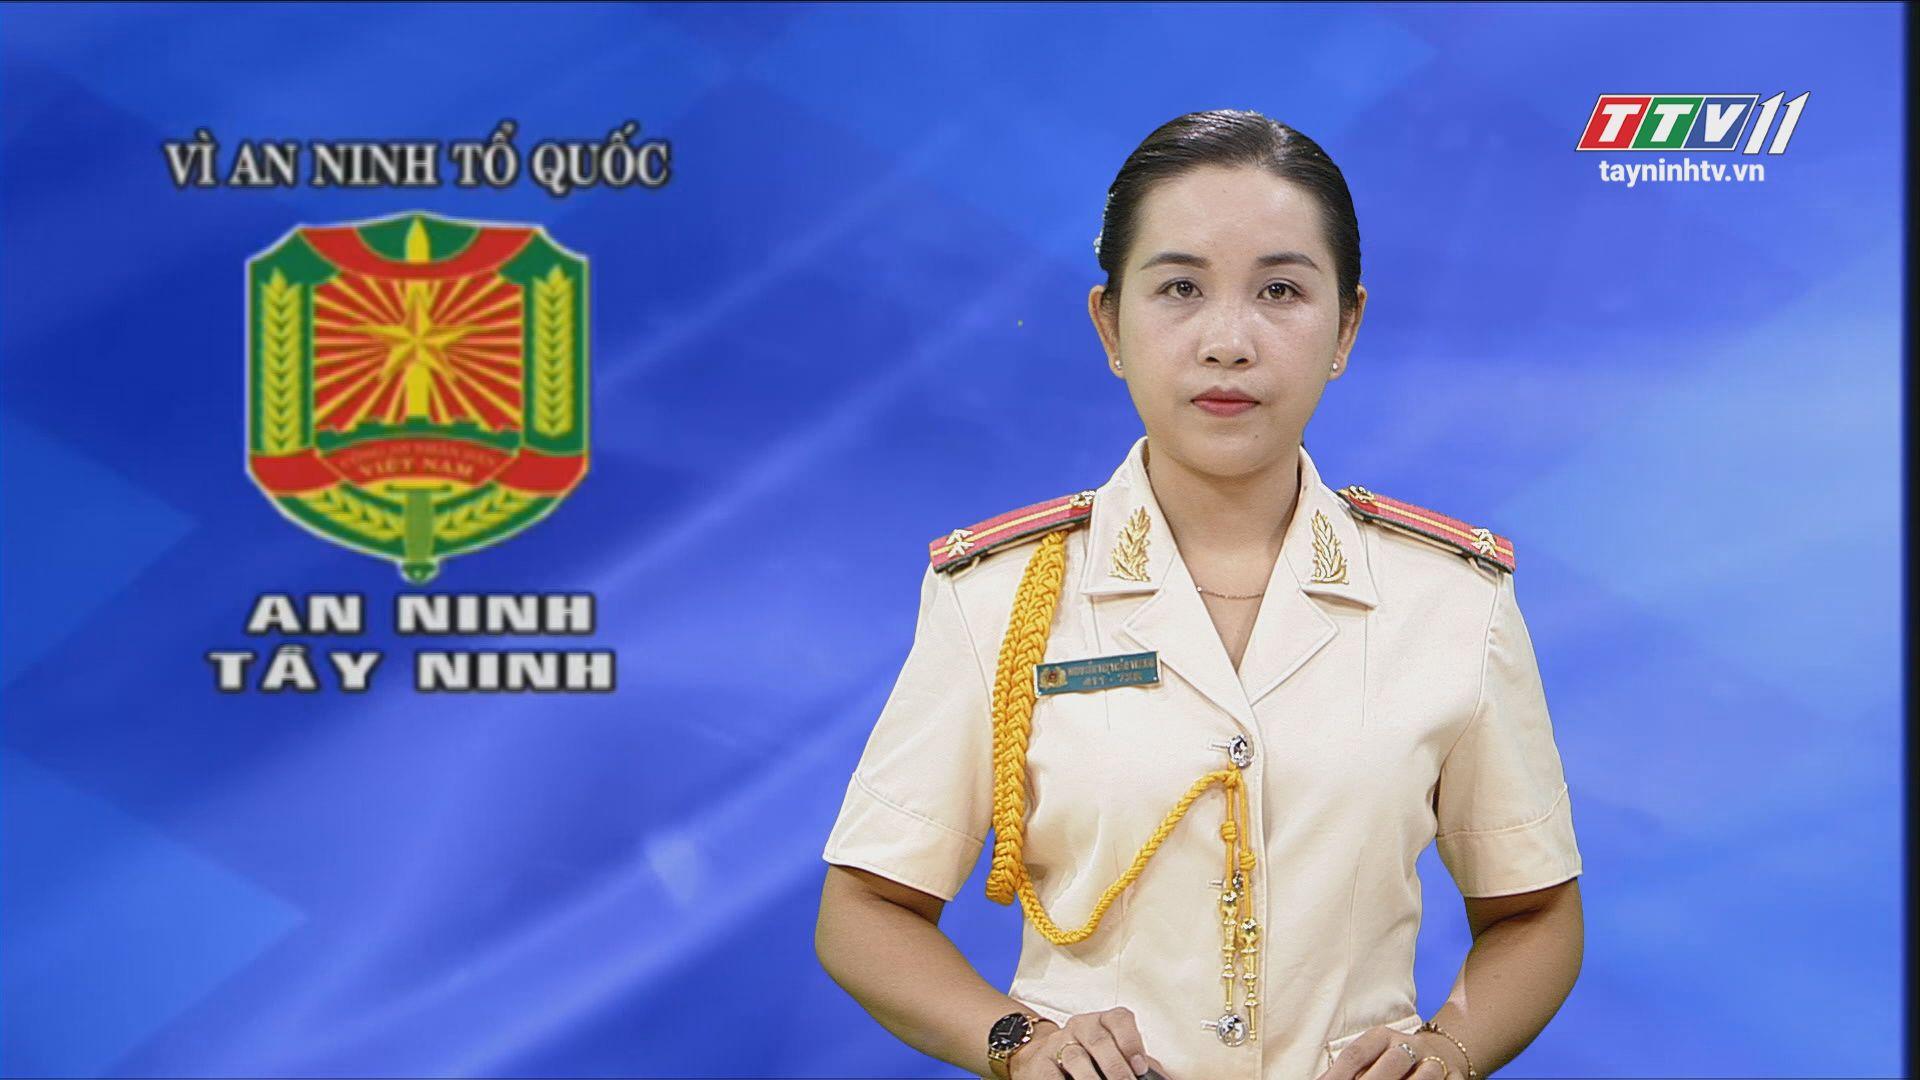 AN NINH TÂY NINH 16-12-2019 | Tin tức hôm nay | TayNinhTV